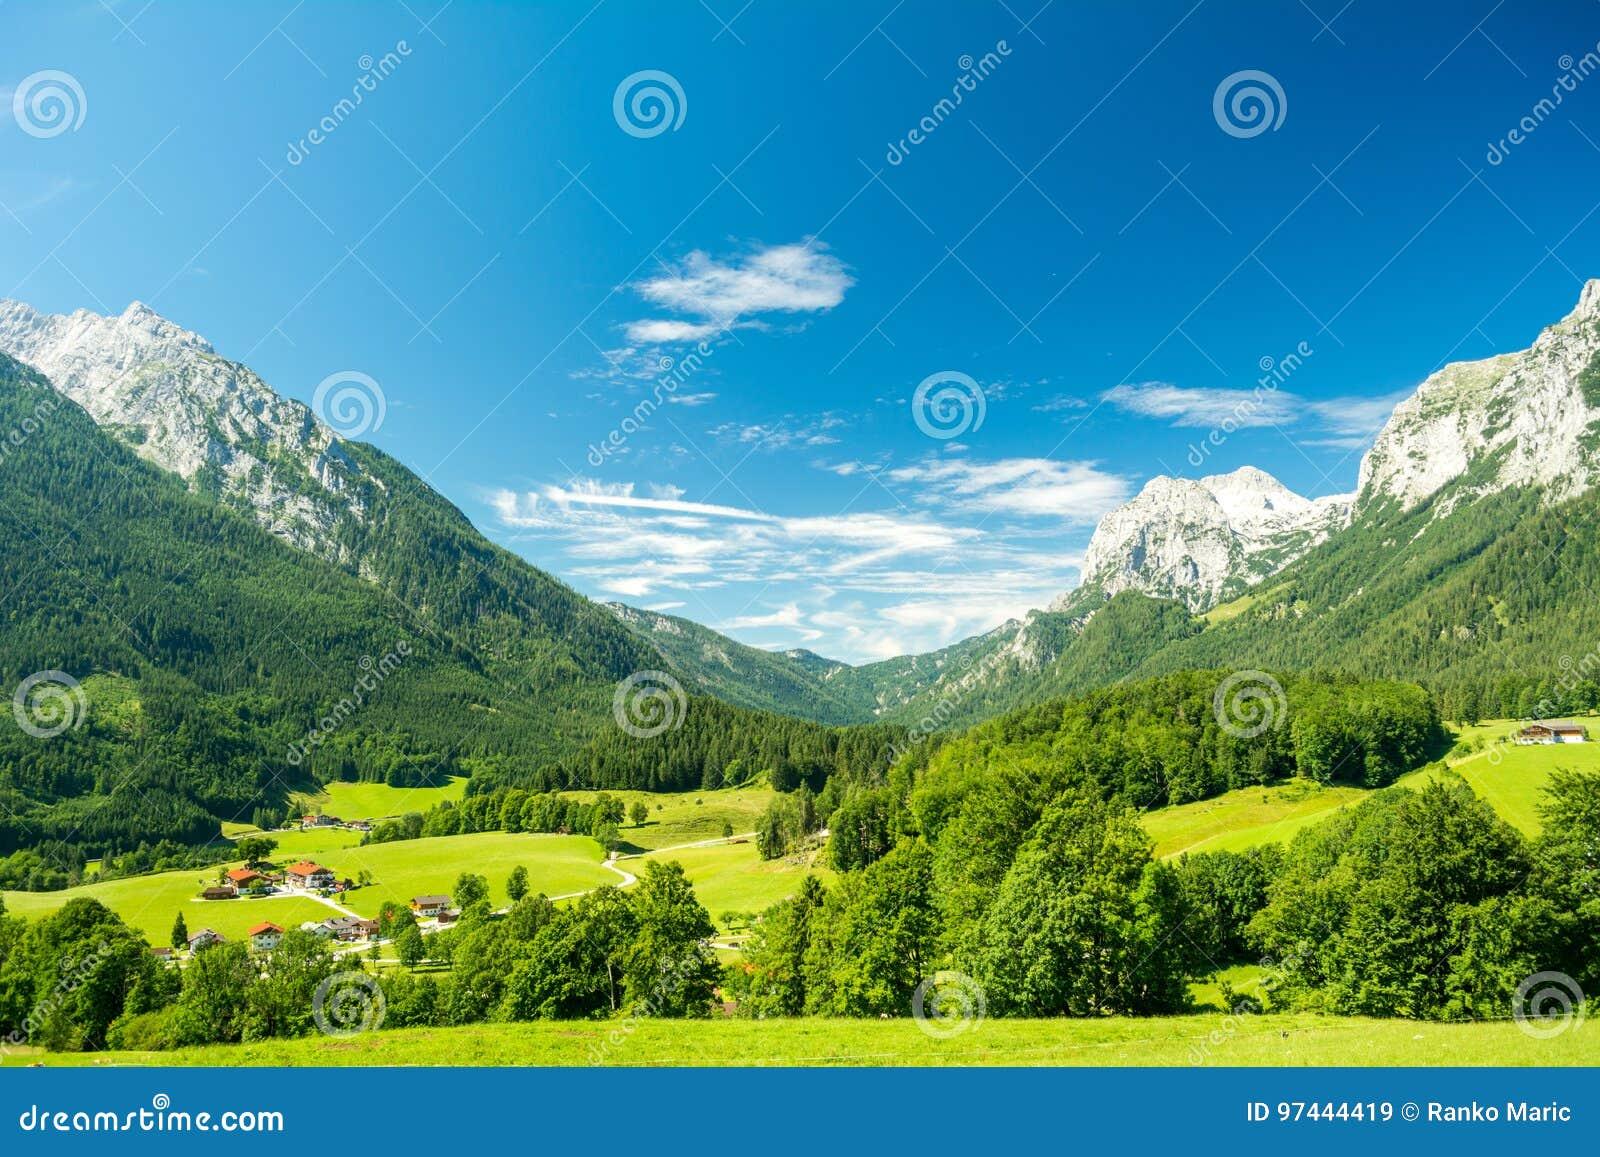 Mooie mening van aard en bergen dichtbij Konigssee-meer, Beieren, Duitsland